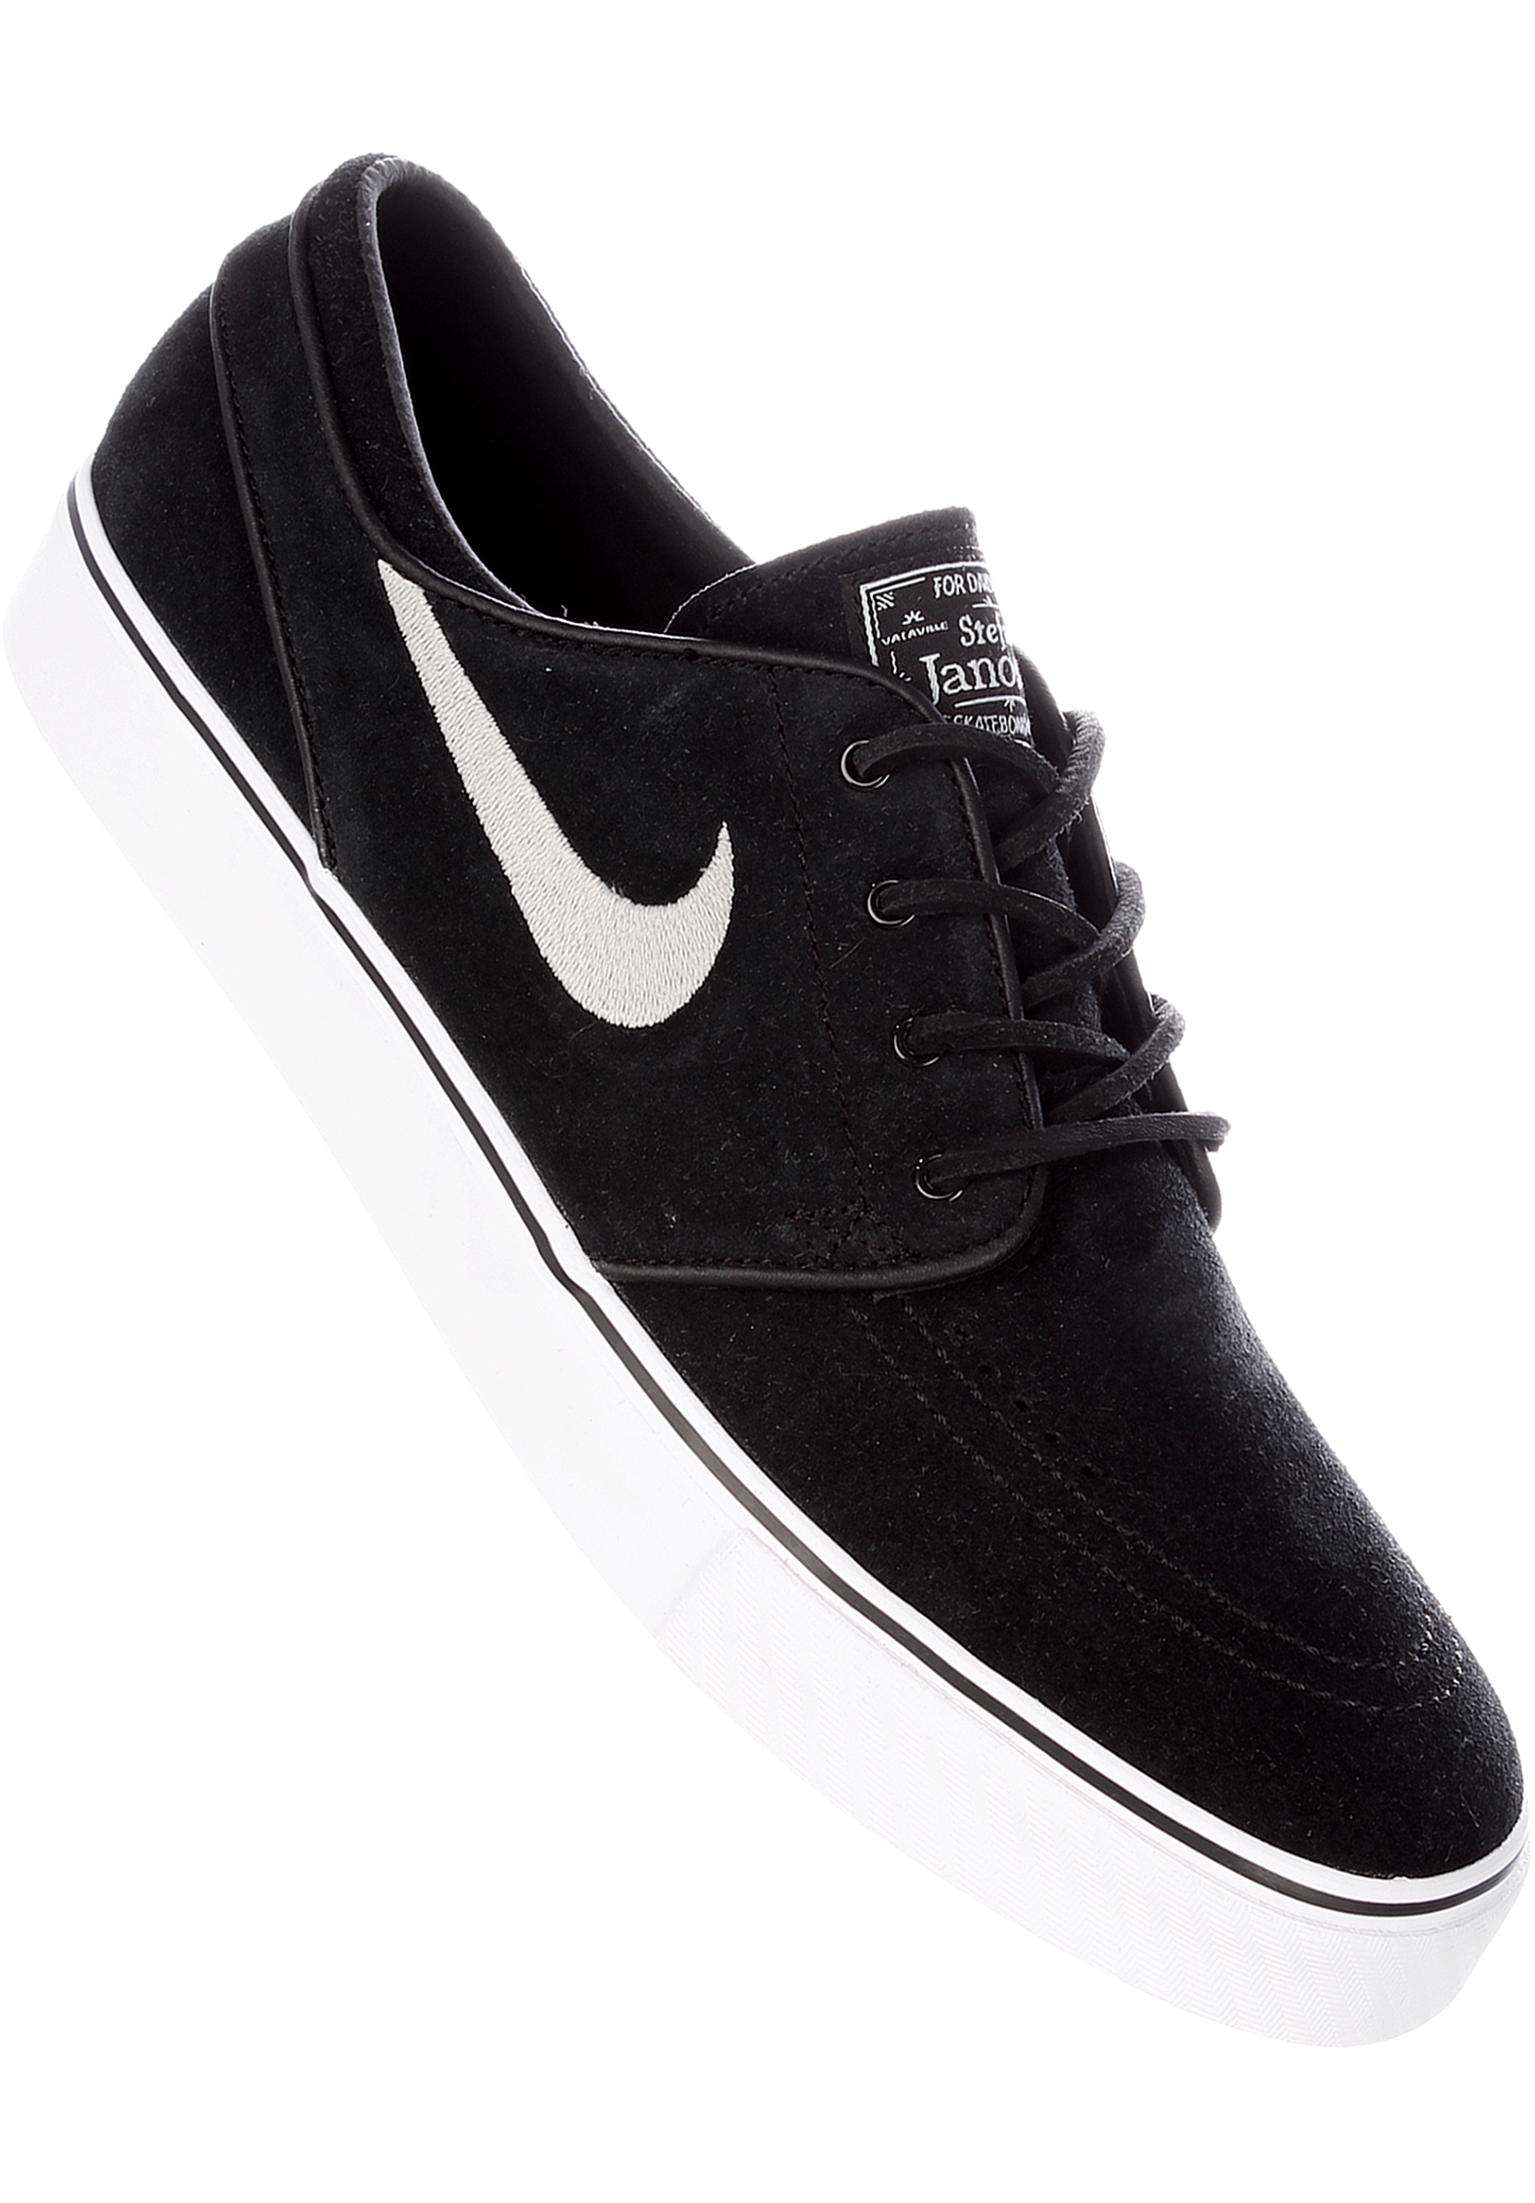 new product eef3e b6890 Zoom Stefan Janoski OG Nike SB All Shoes in black-white for Men   Titus